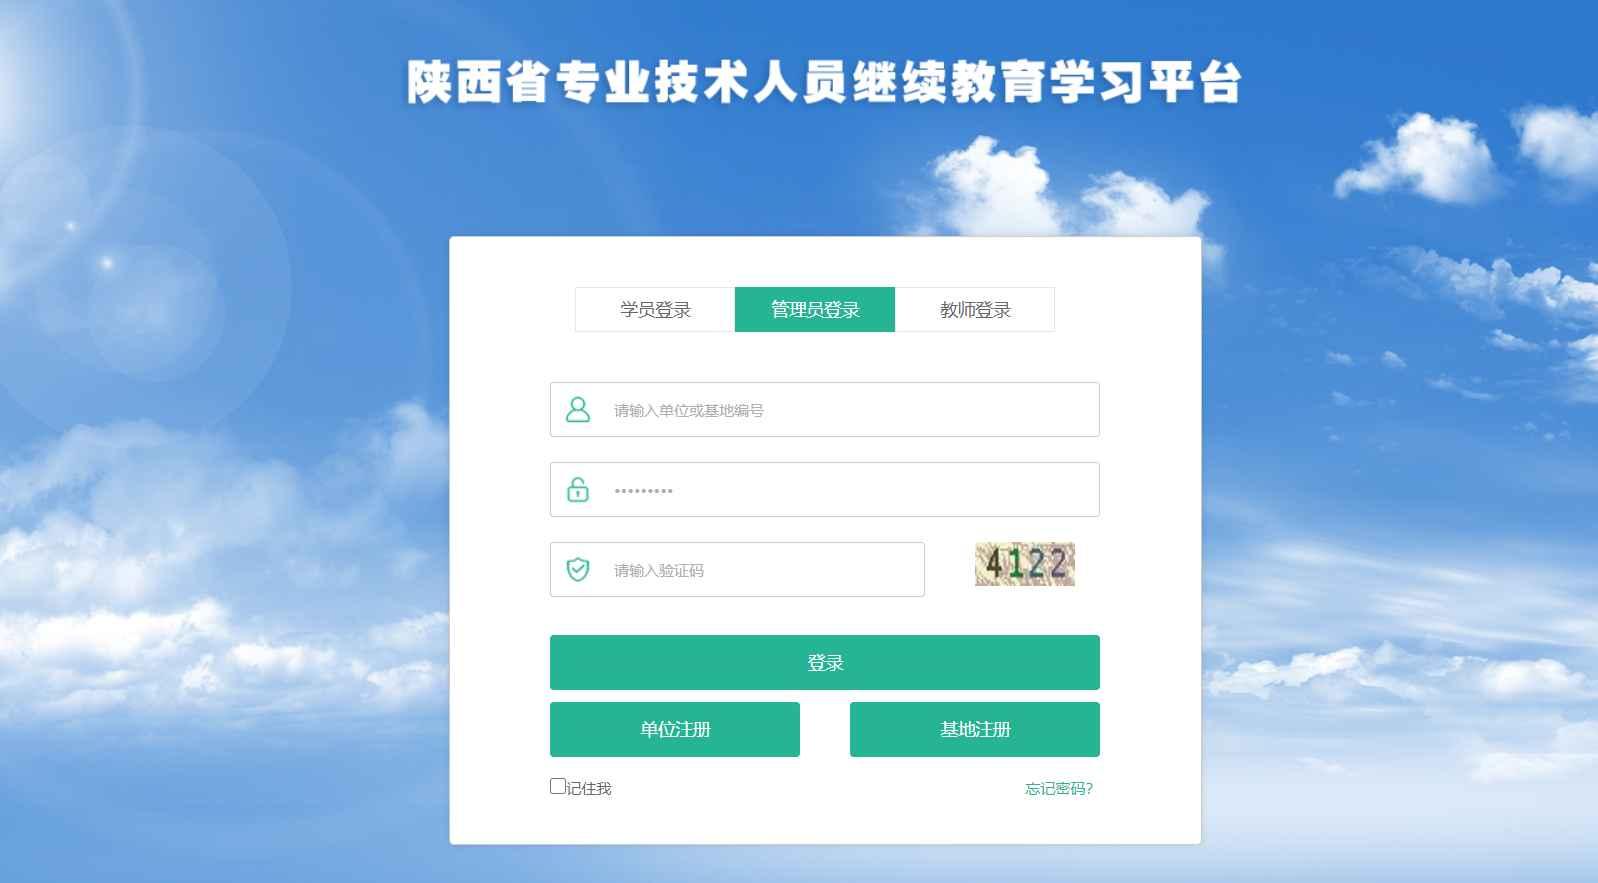 陕西省专业技术人员继续教育学习平台 网课代学